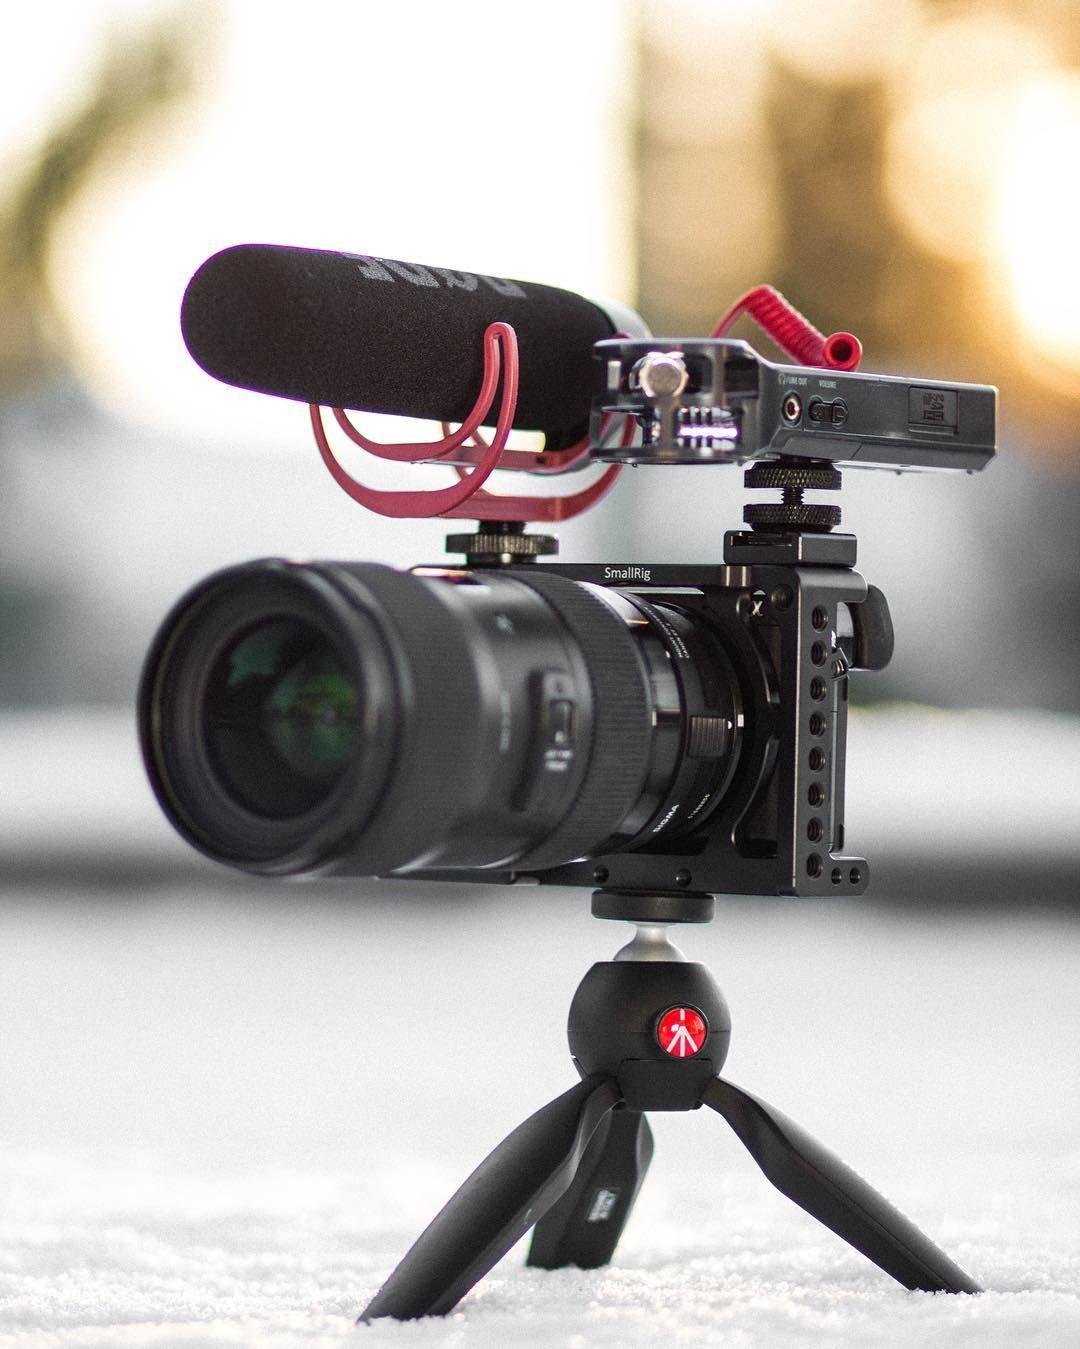 Smallrig Sony A6000 A6300 A6500 Ilce 6000 Ilce 6300 Ilce A6500 Nex 7 Cage 1661 Sony Digital Camera Sony Camera Smallrig